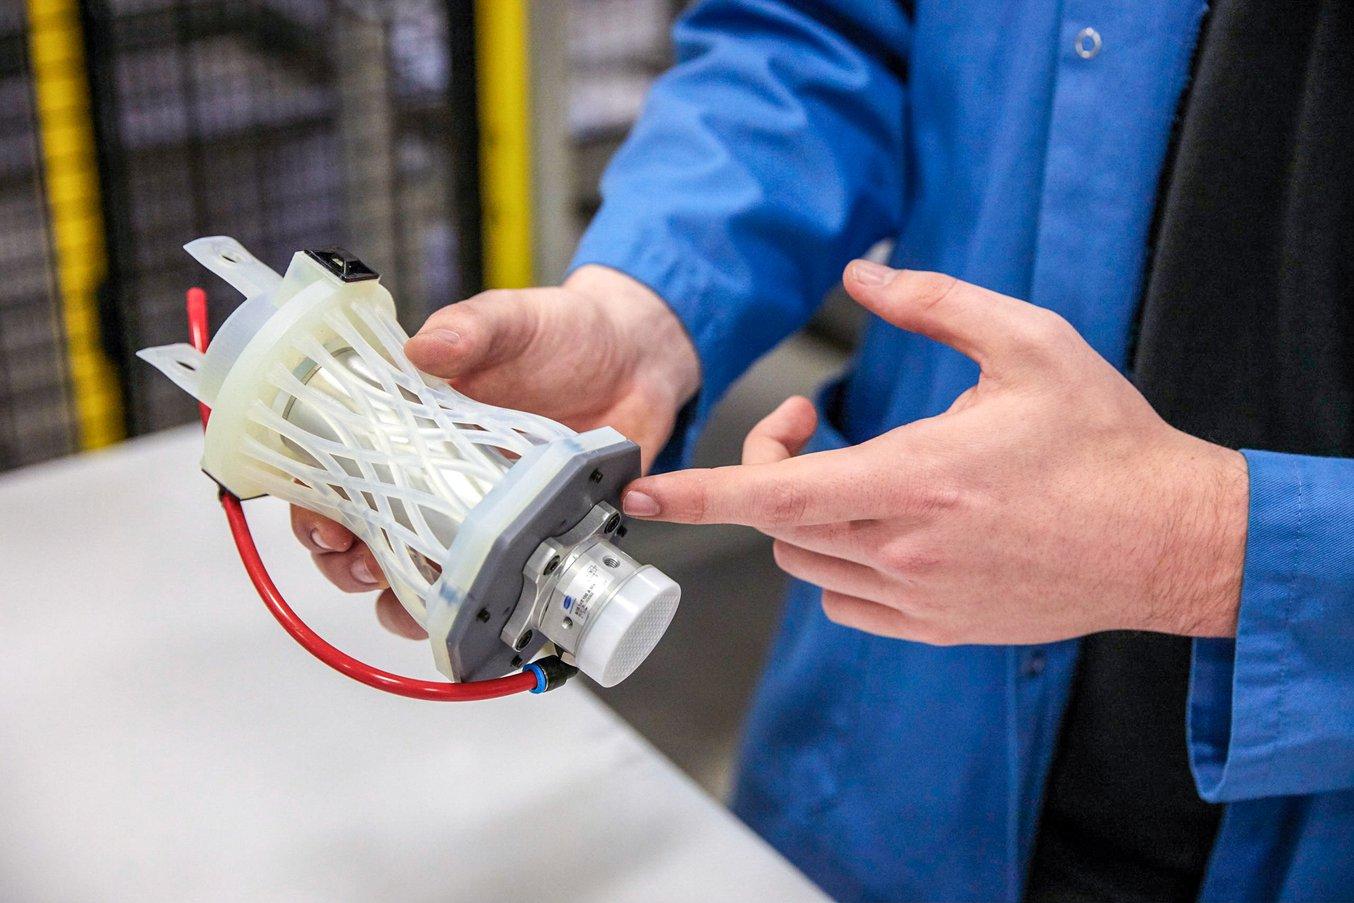 Il design è stato stampato in 3D con la Durable Resin di Formlabs, che Williams considera più adatta per questa applicazione, data la sua elasticità.